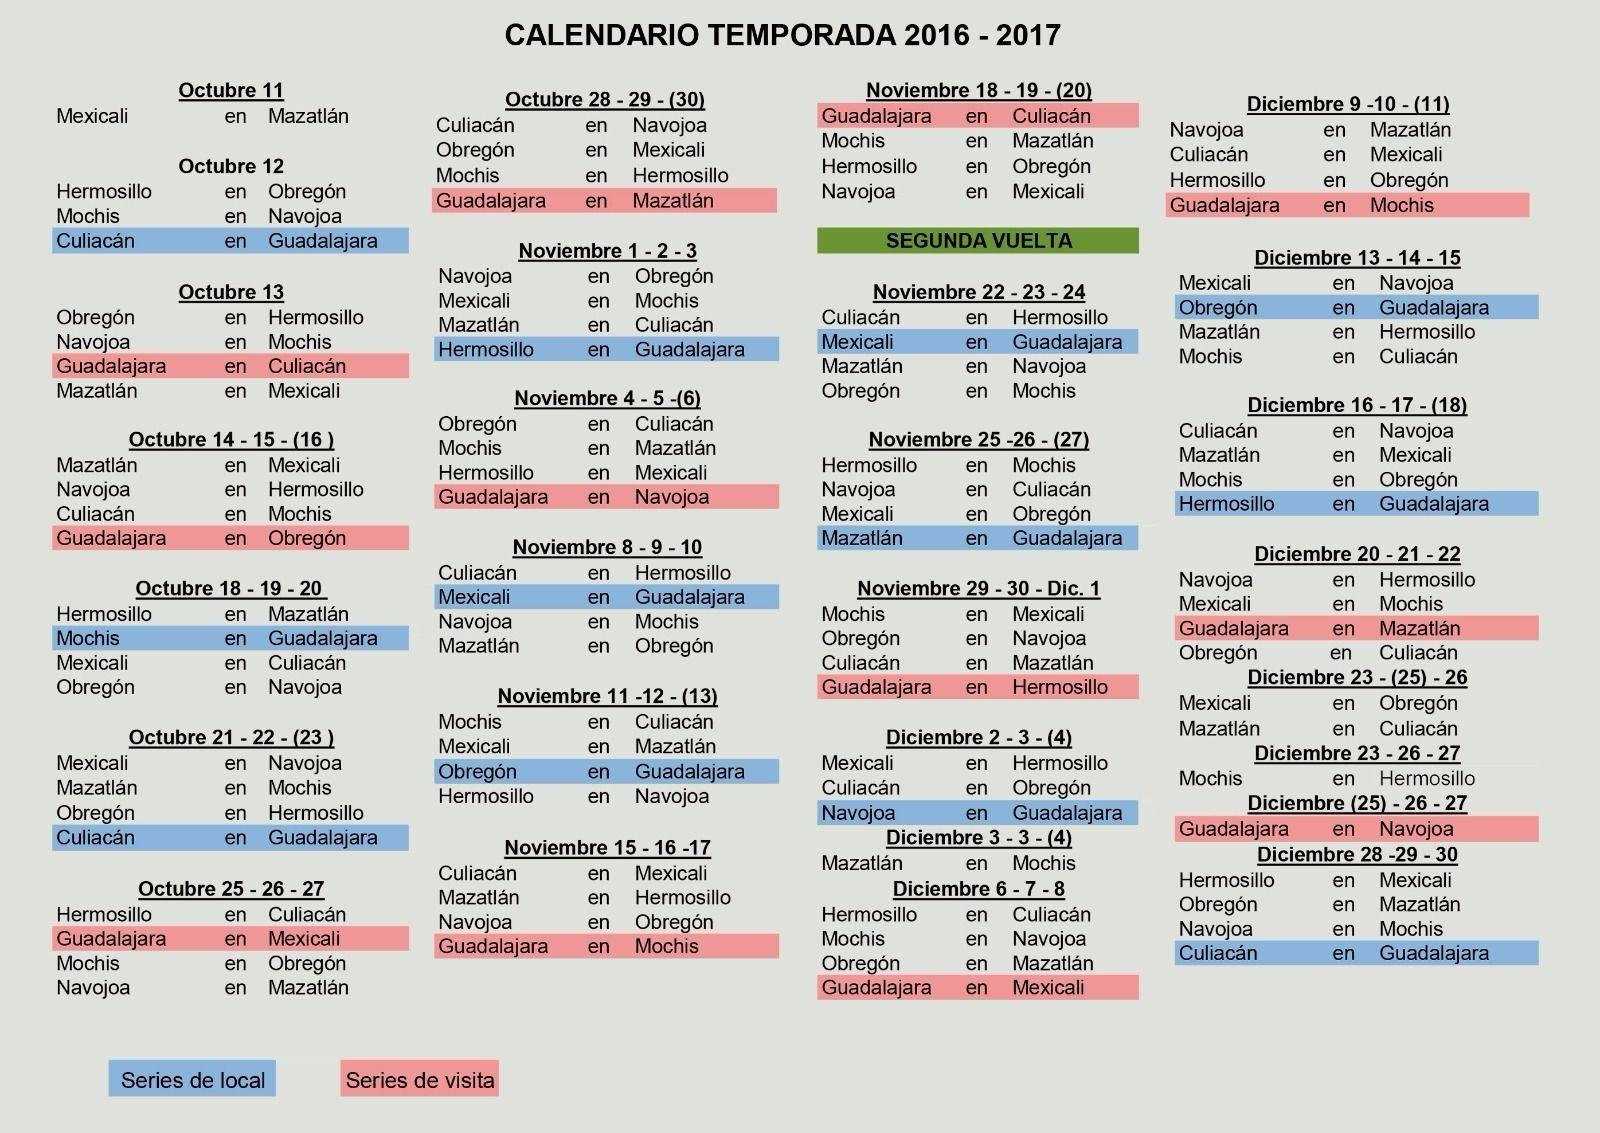 Conoce Charros de Jalisco el calendario para la temporada 2016-2017 ...